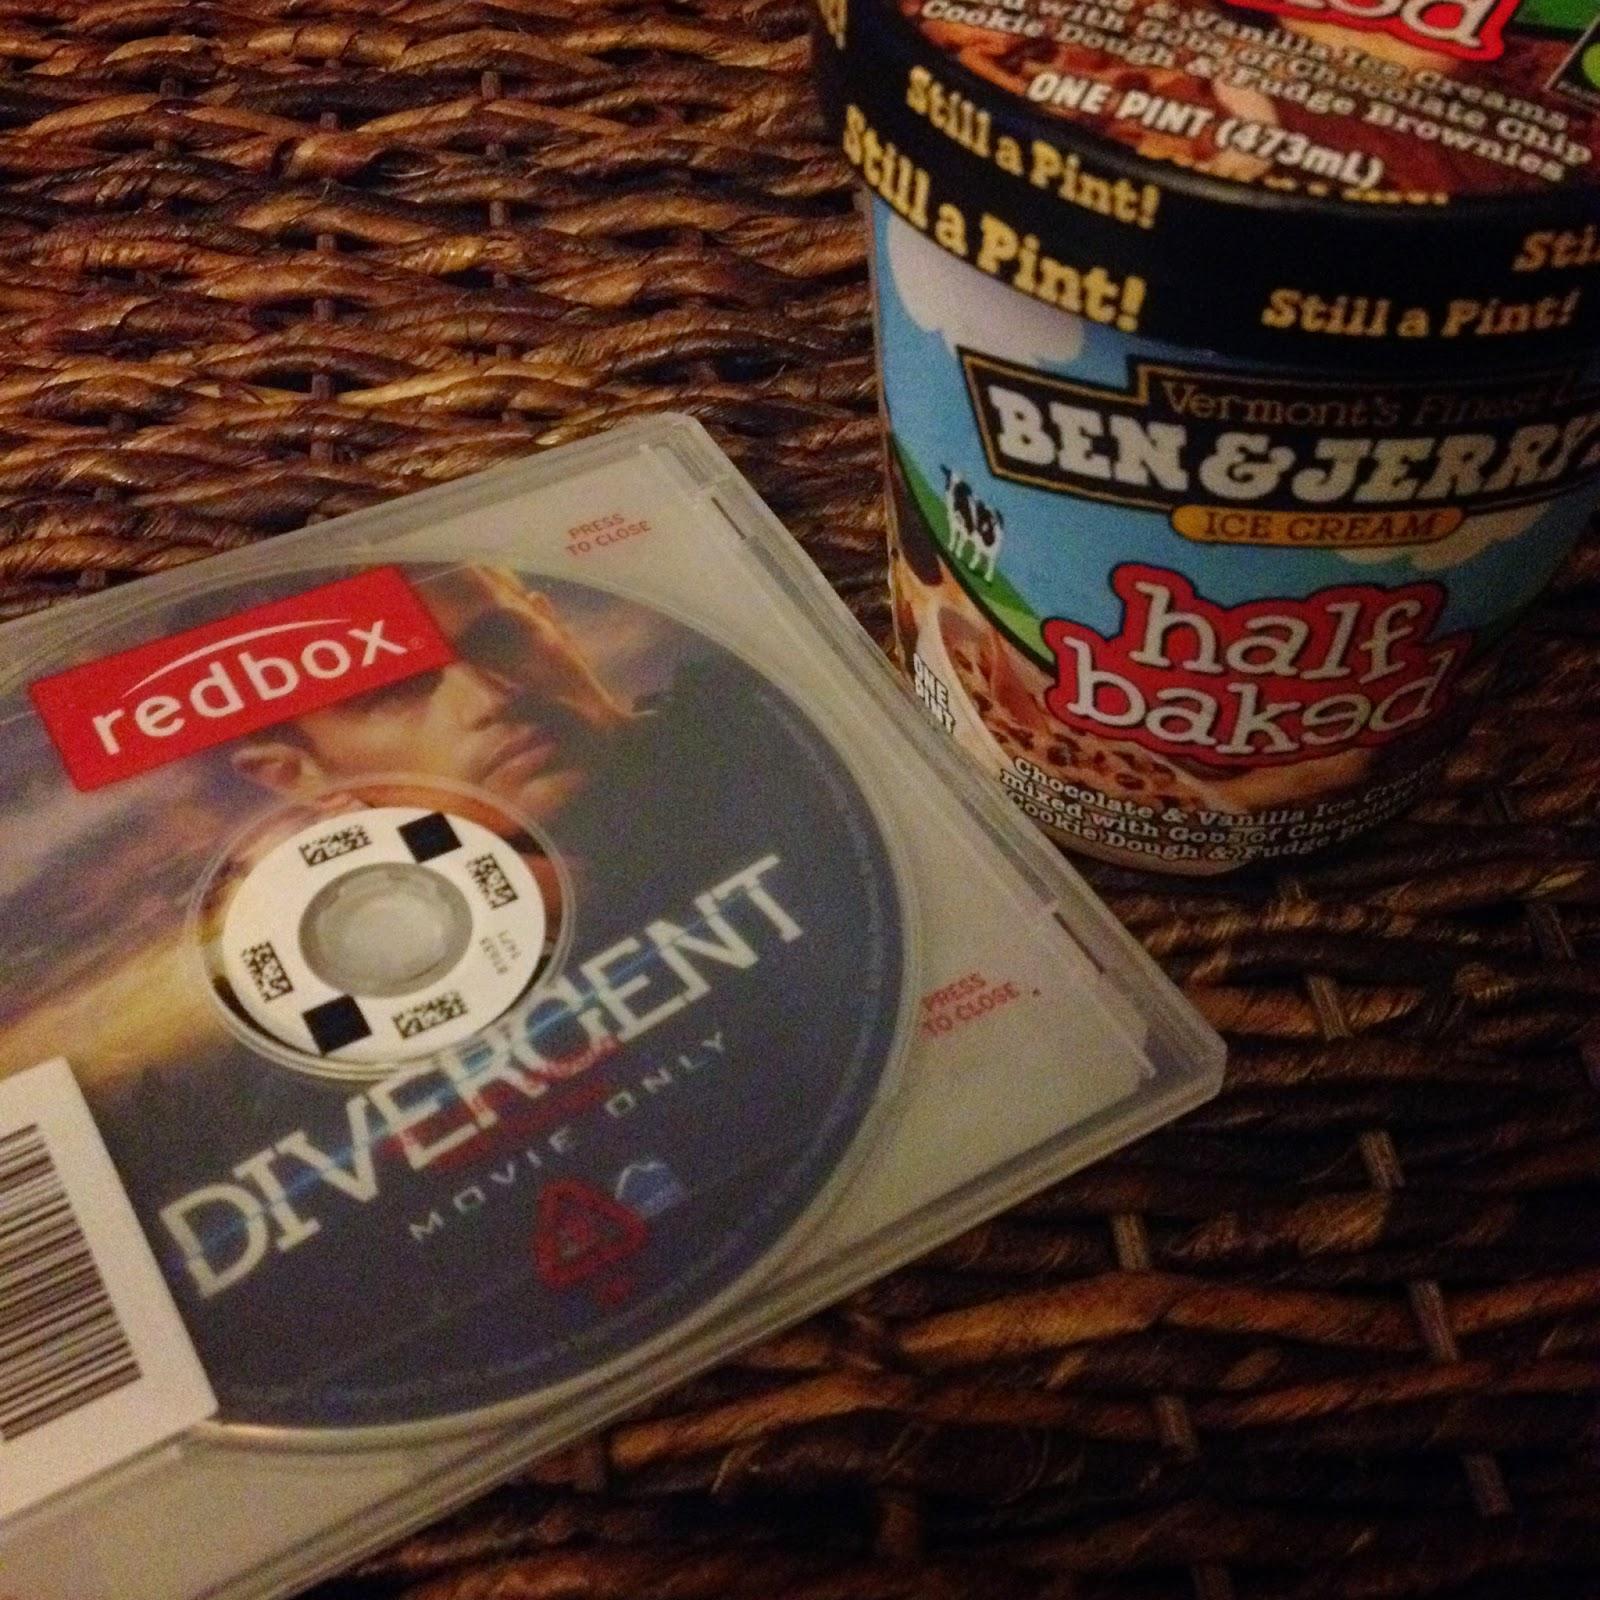 Divergent and Ben&Jerry's